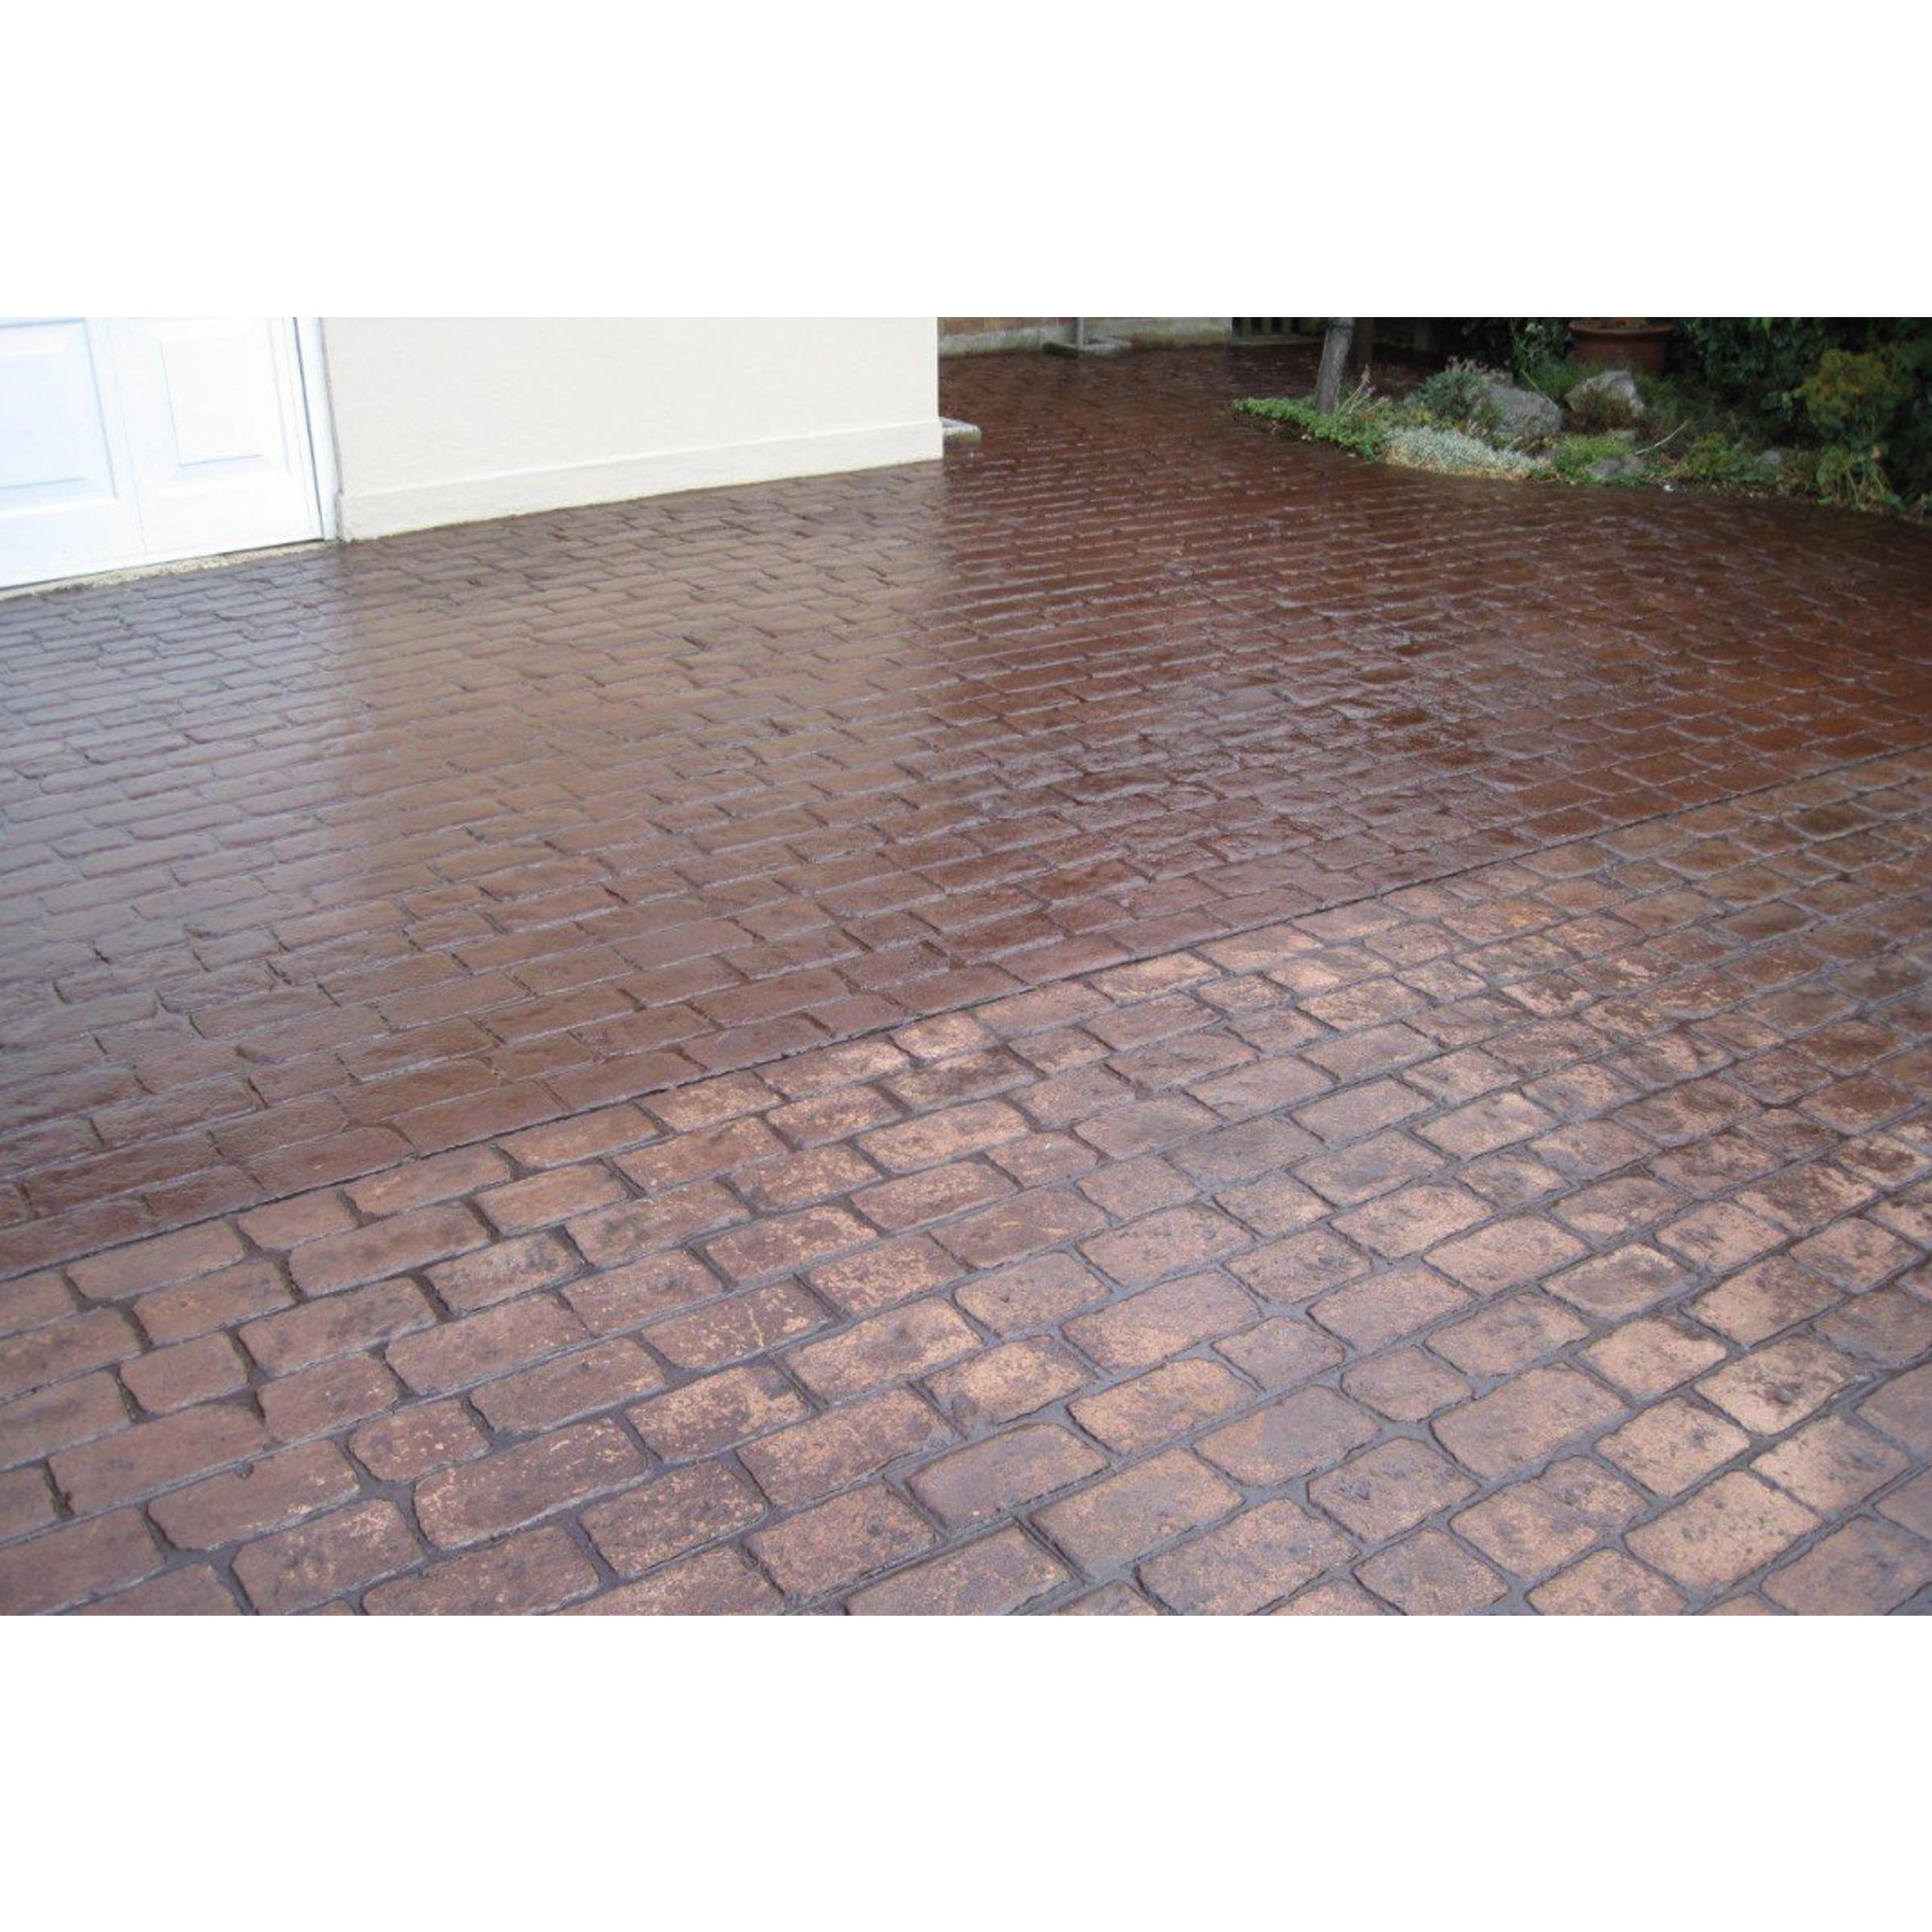 imprinted concrete sealer matt patterned concrete sealer stamped